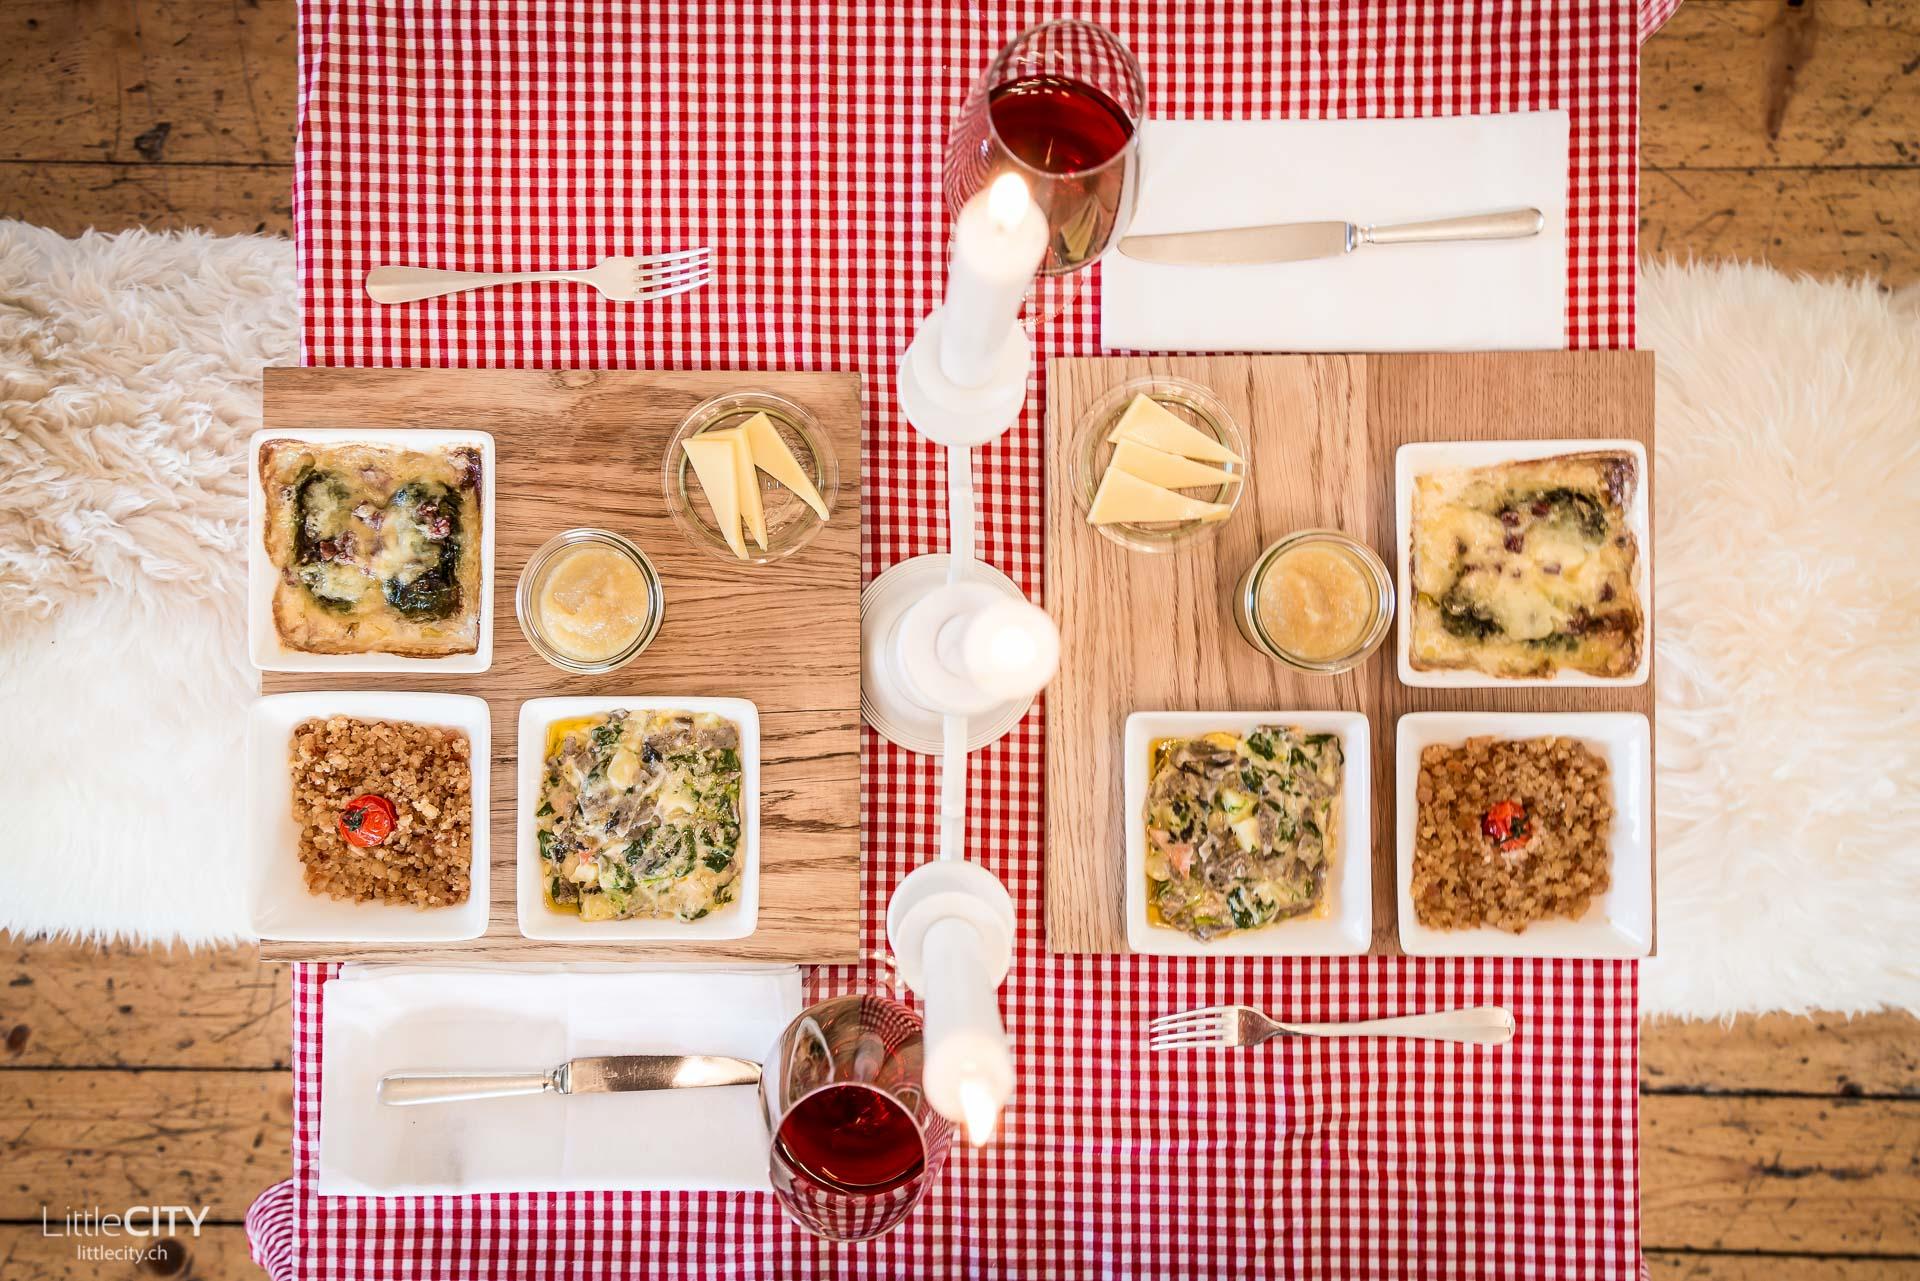 chur-st-martinskirche-buendner-trilogie-dinner-2